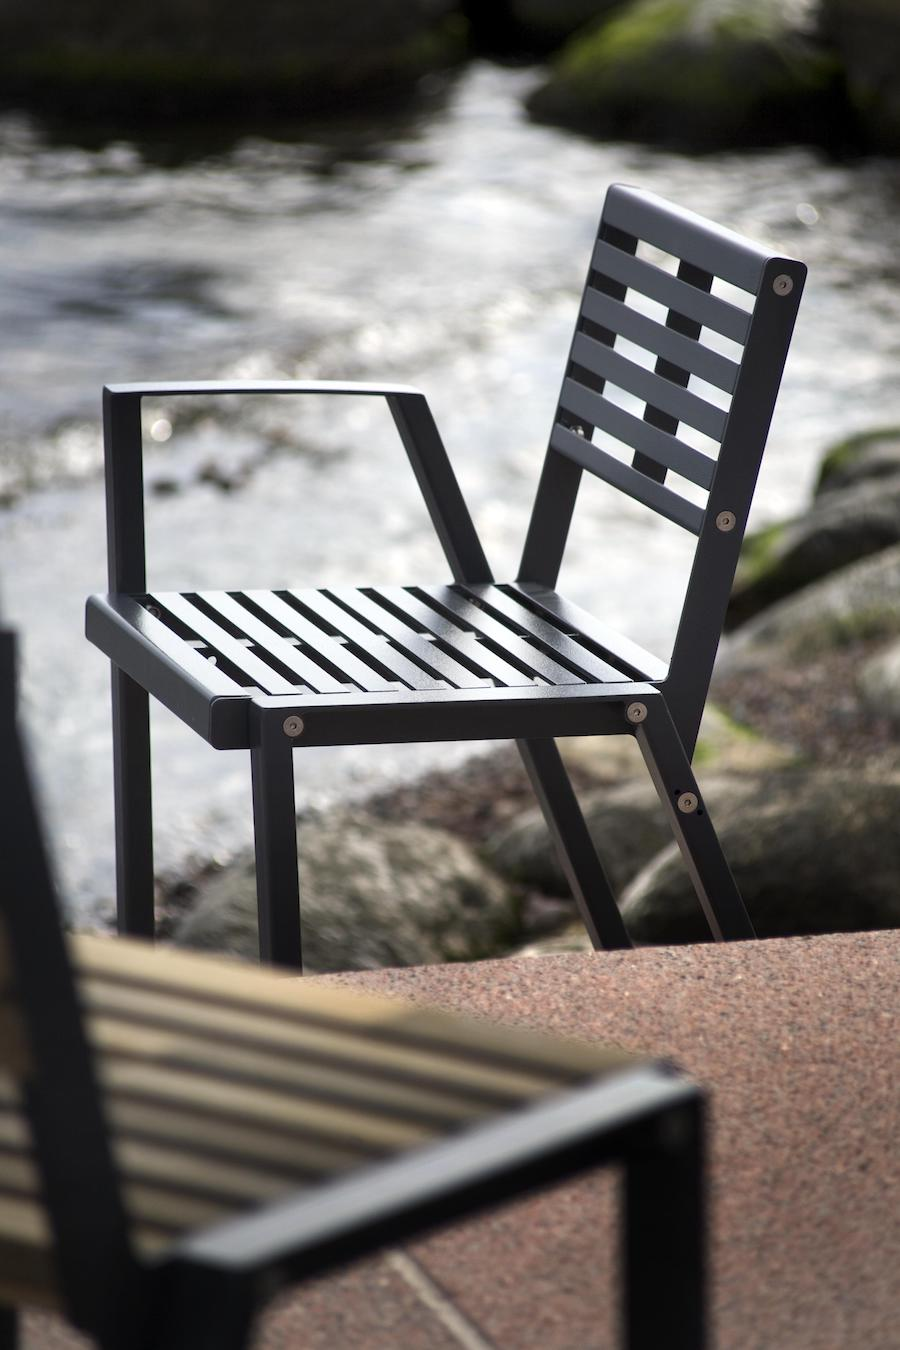 La fotografia mostra una sedia per esterni della serie klaar in acciaio su una terrazza sul mare.